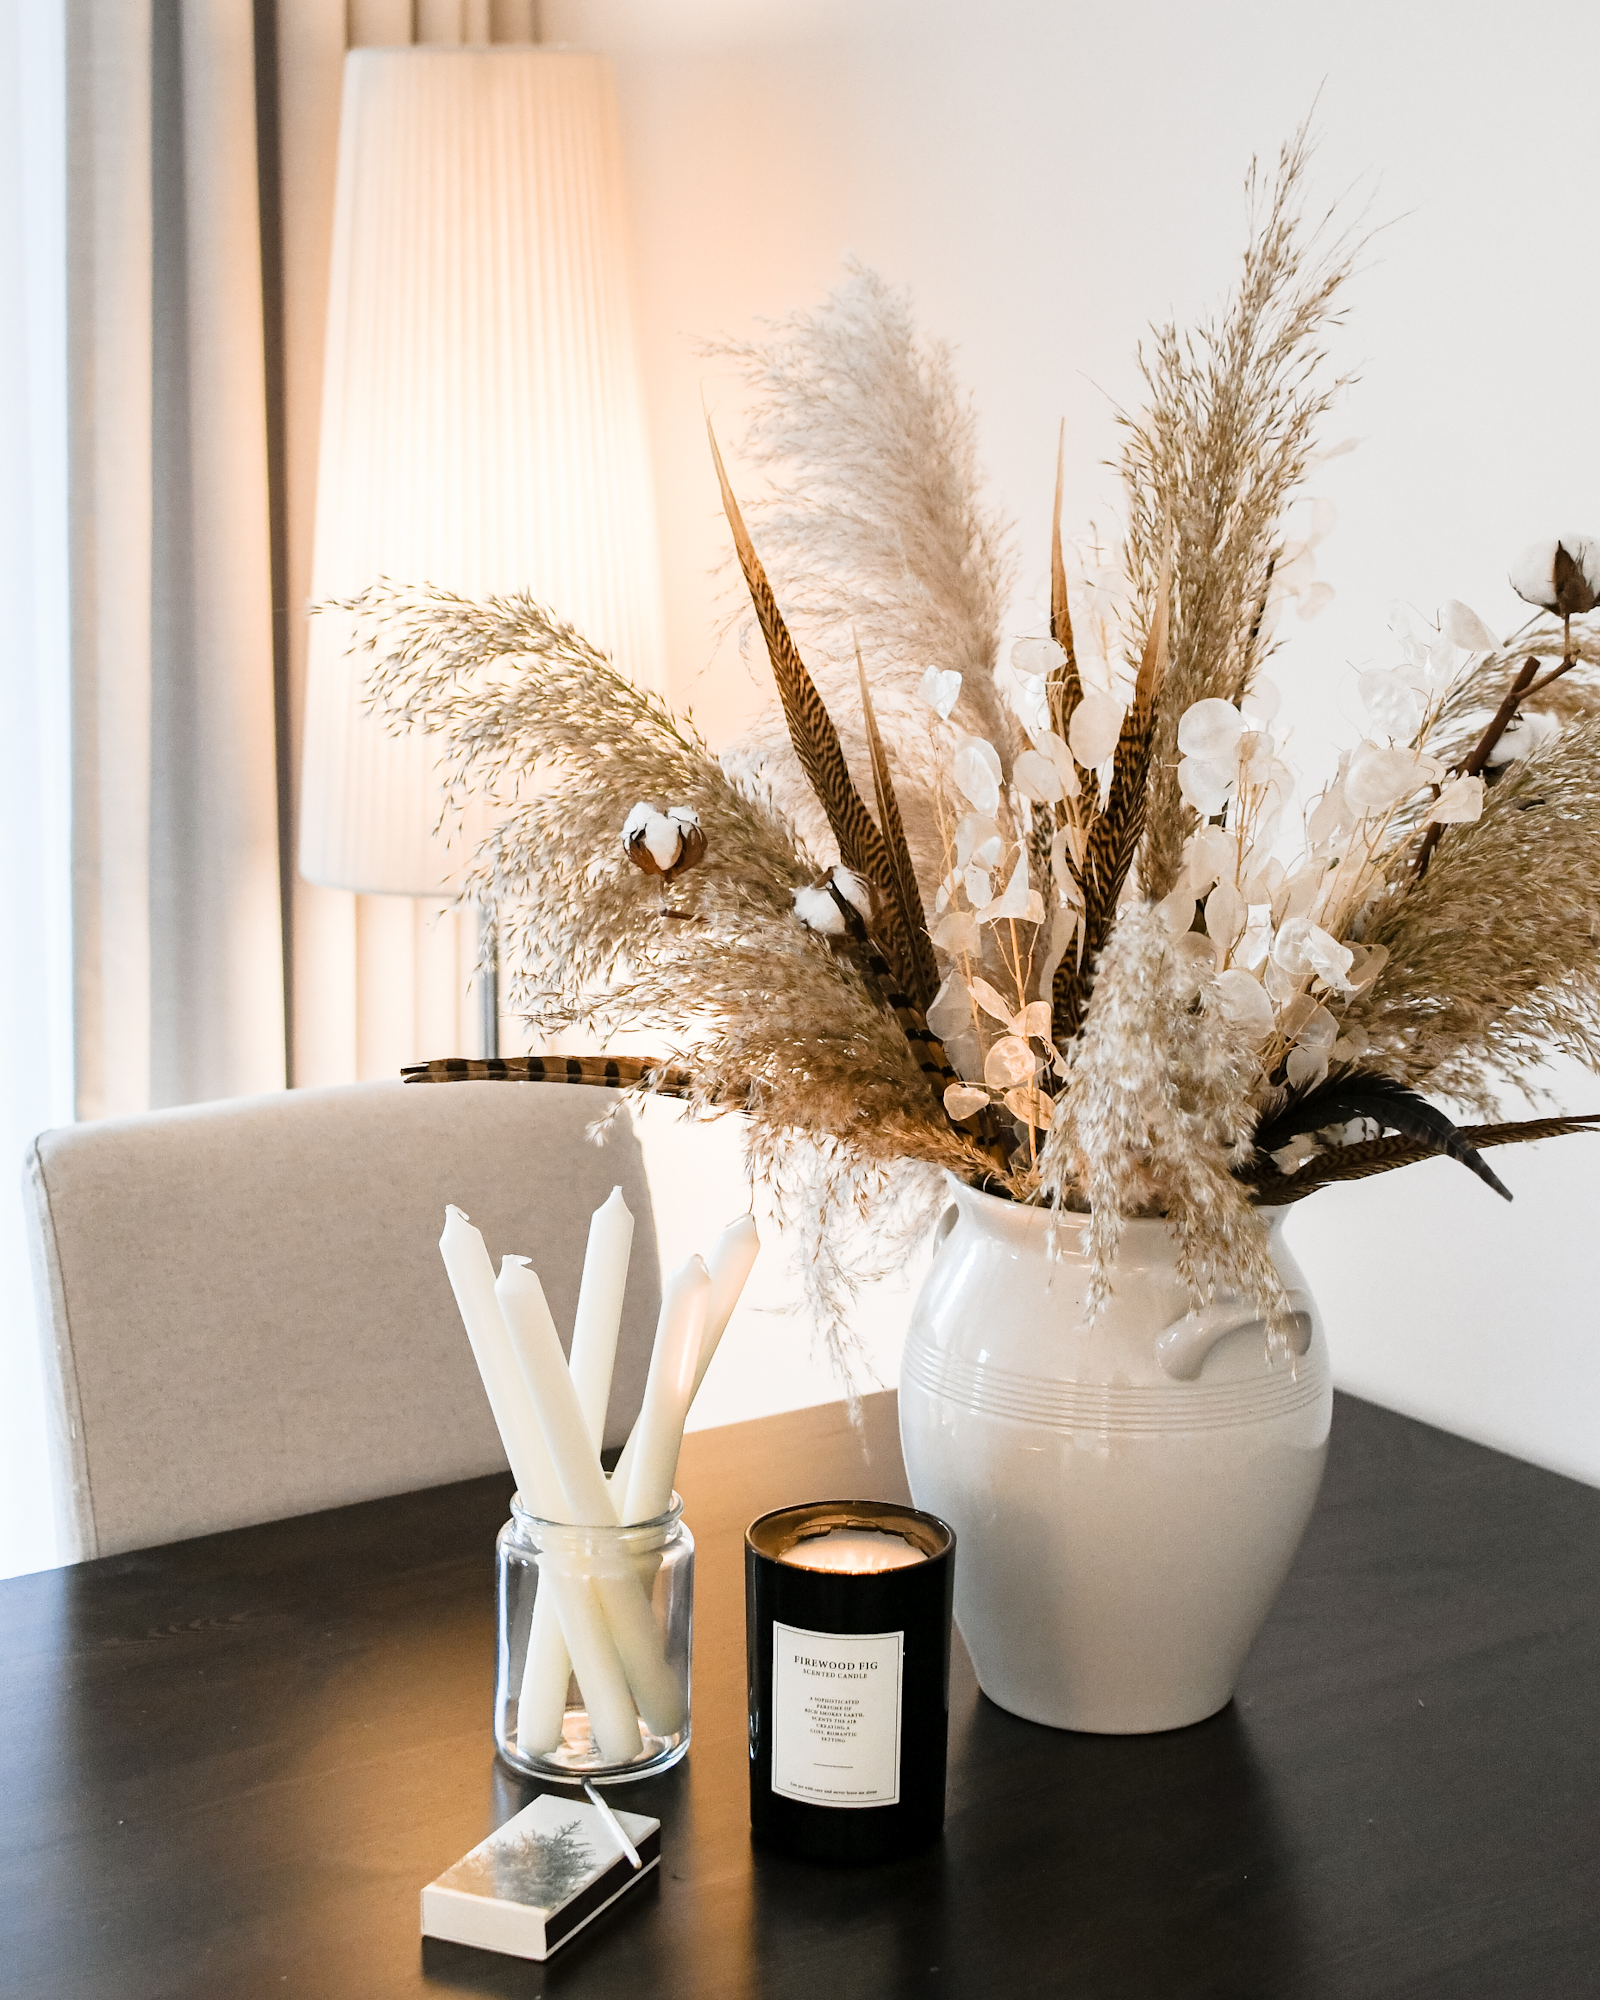 Winterse versiering en decoratie in huis na Kerst droogbloemen